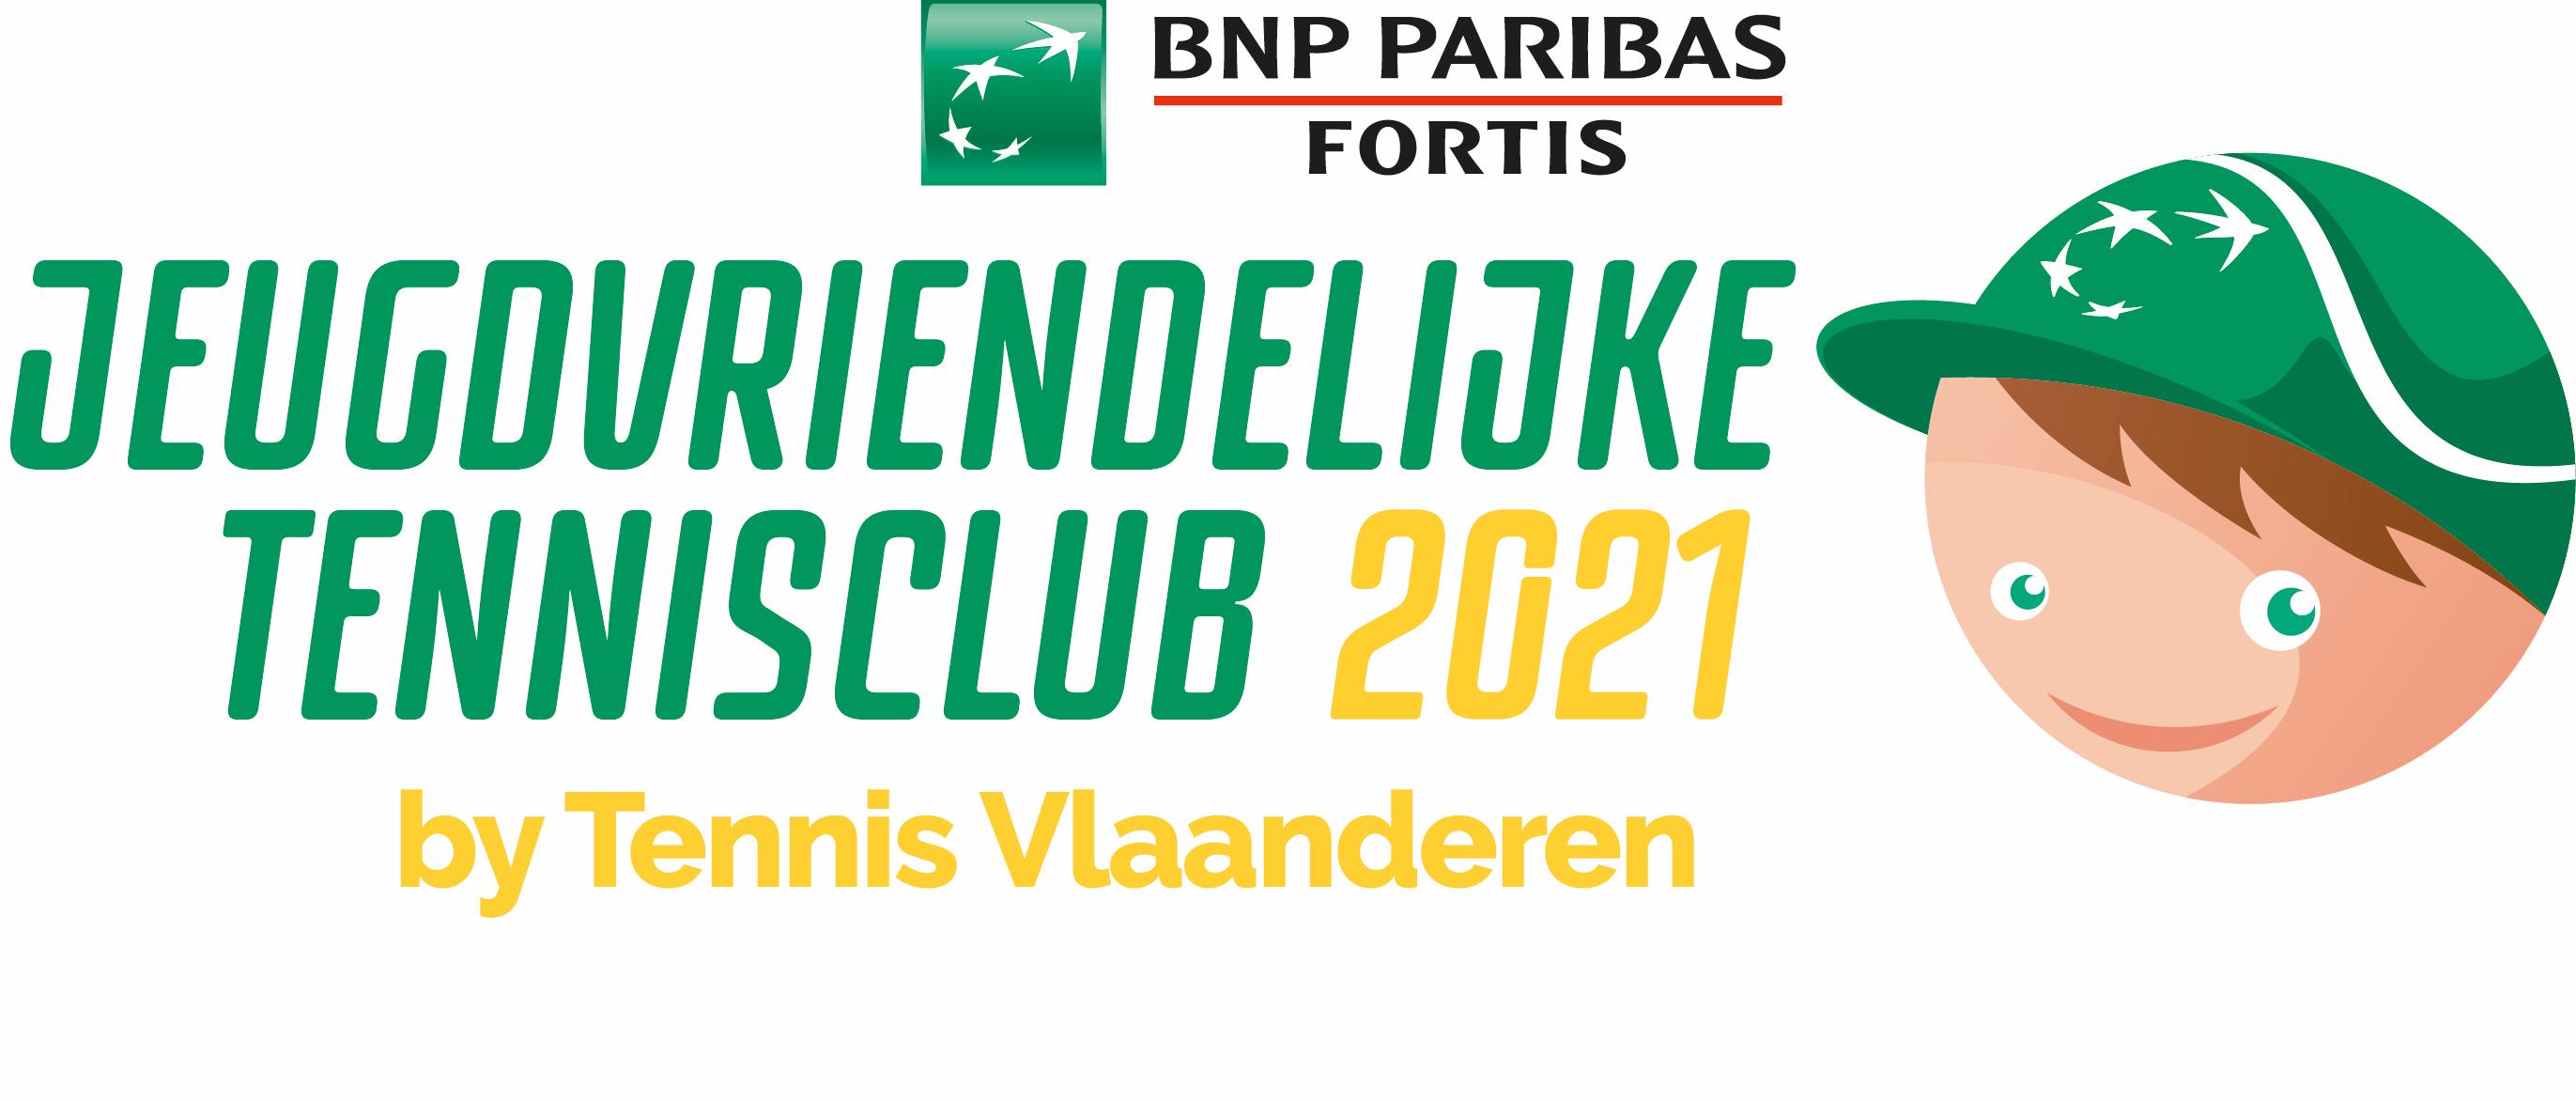 Logo Jeugdvriendelijke Tennisclub 2021